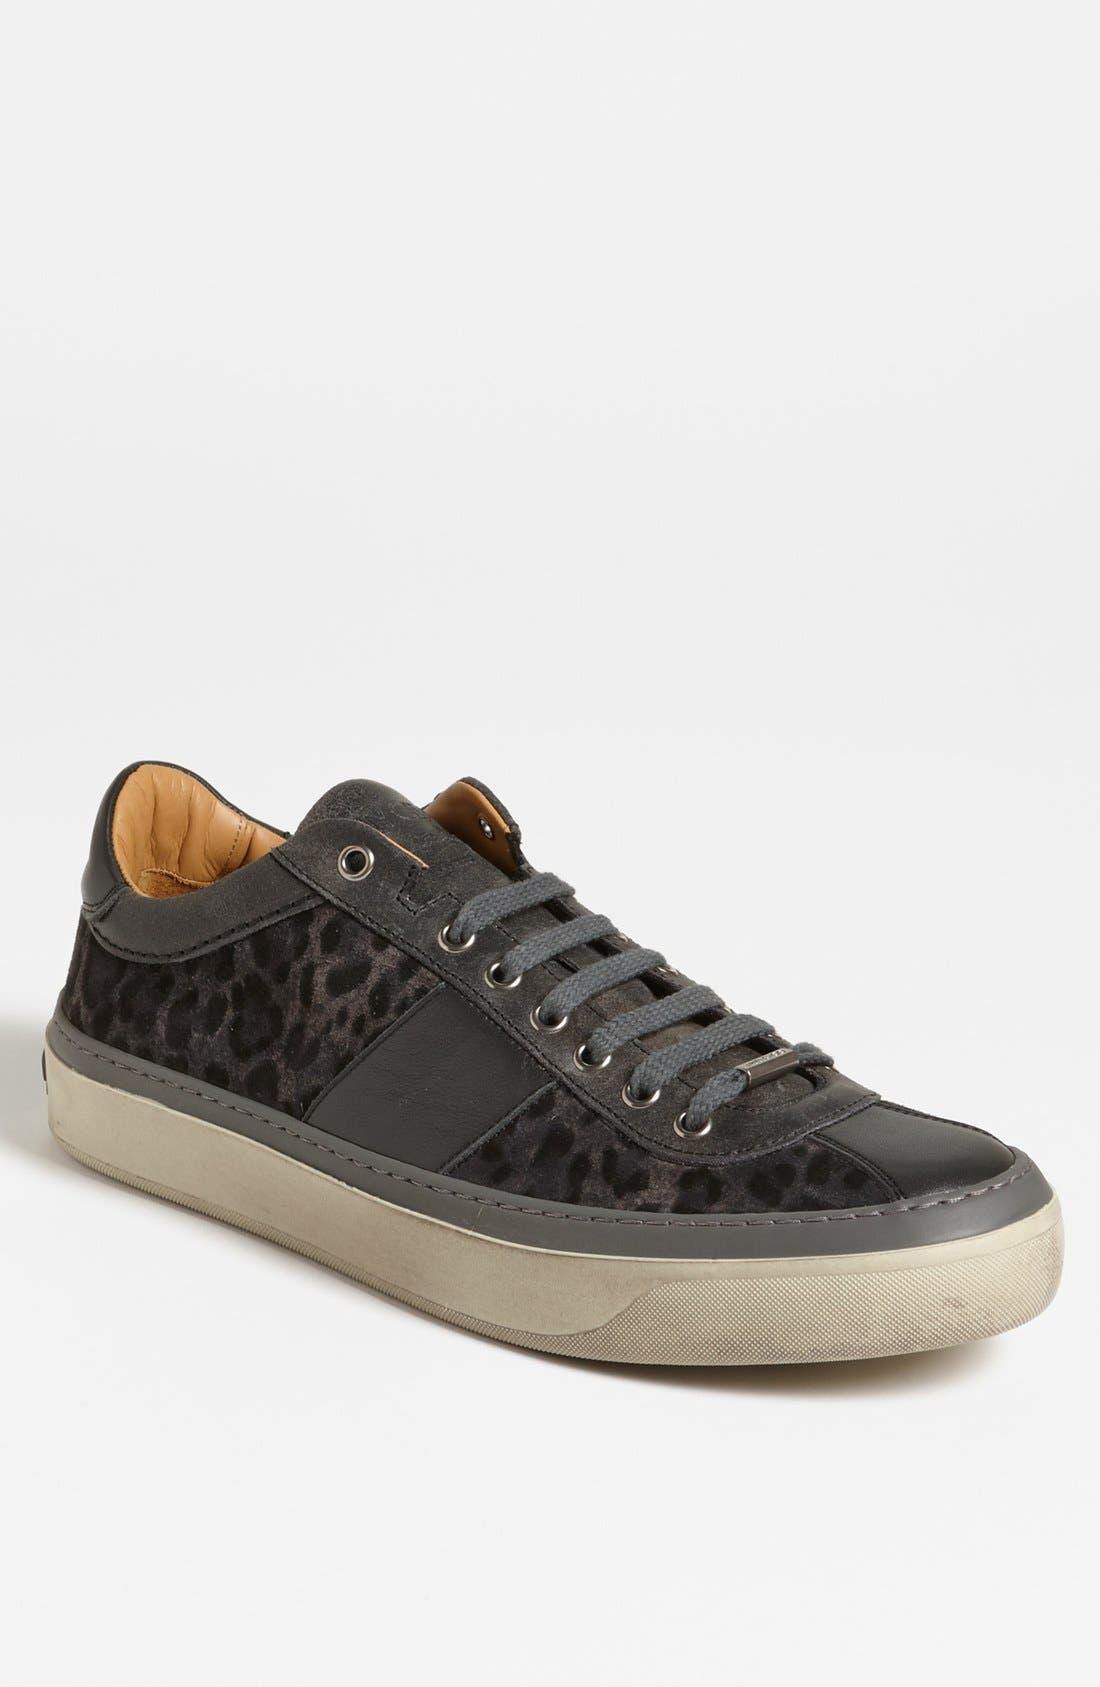 Alternate Image 1 Selected - Jimmy Choo 'Portman' Sneaker